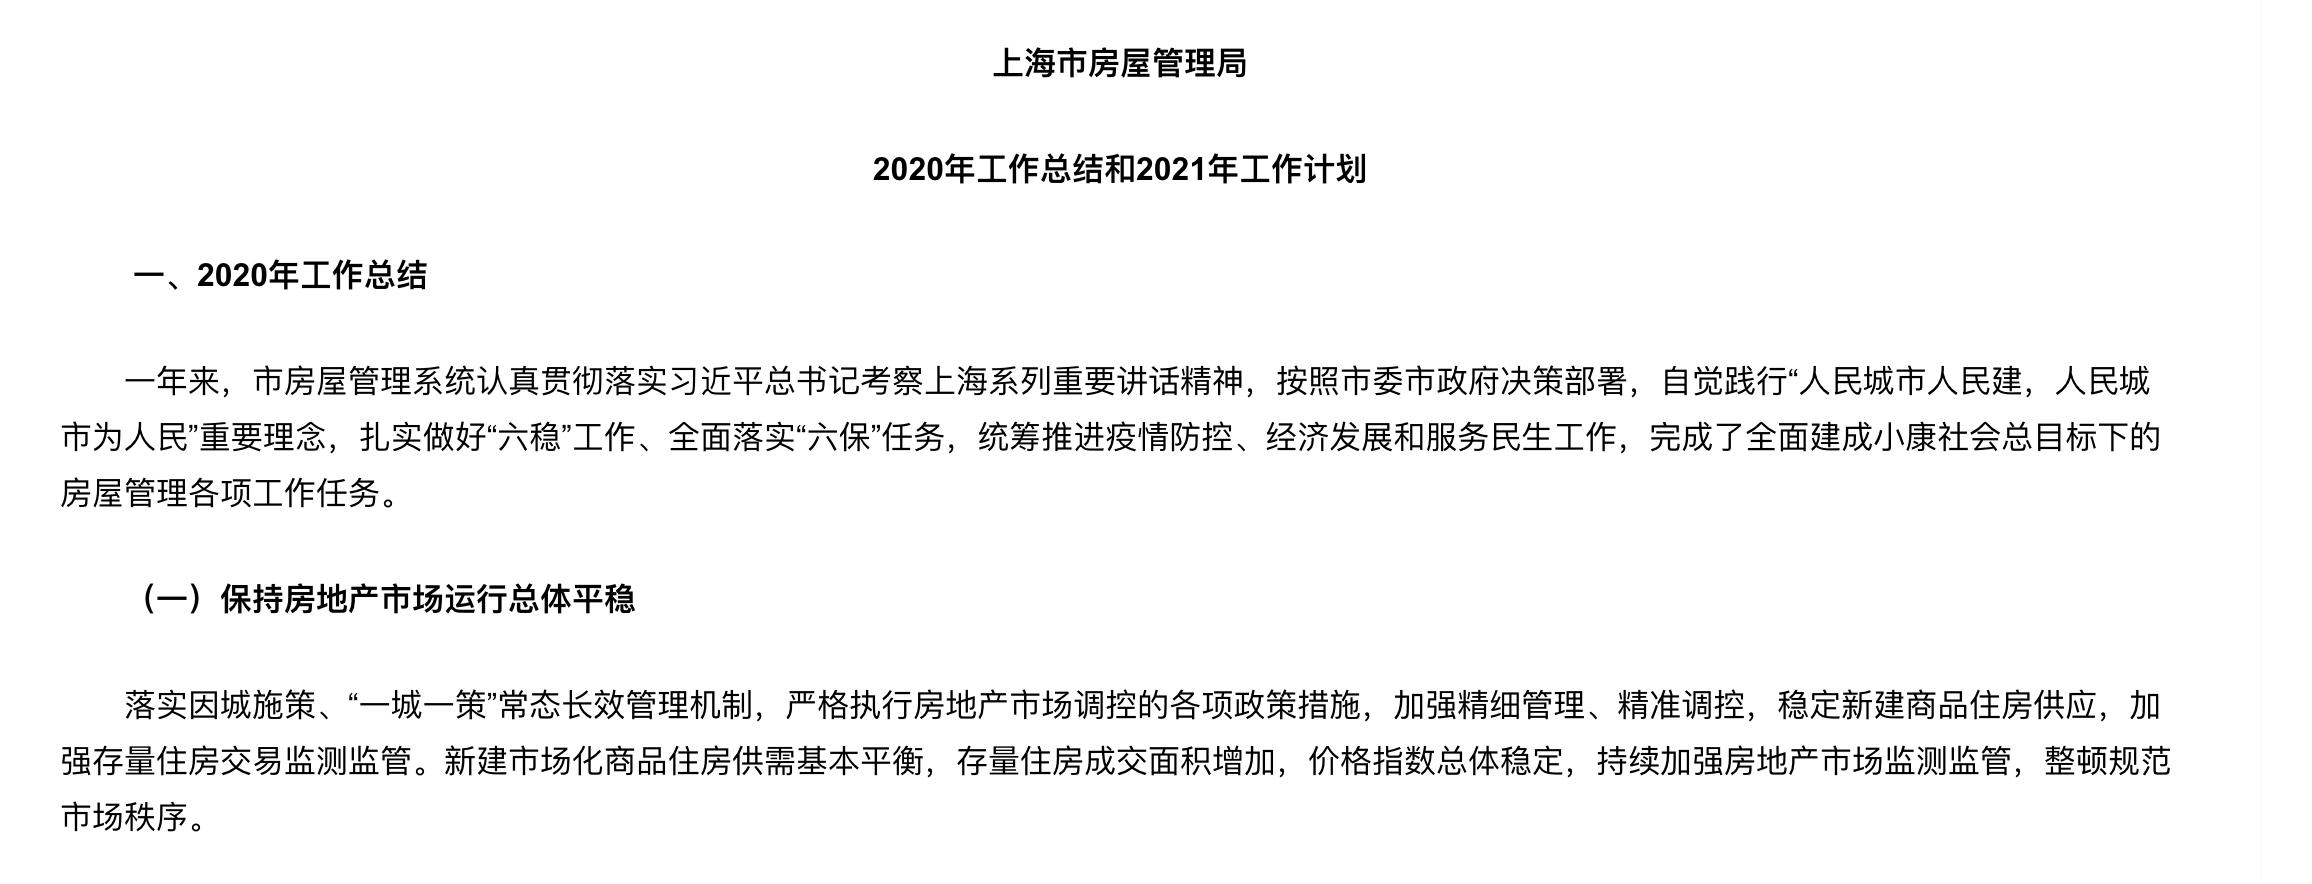 """必晟平台登录:上海楼市专项检查或常态化,""""不要小看政府管控房价的决心"""""""